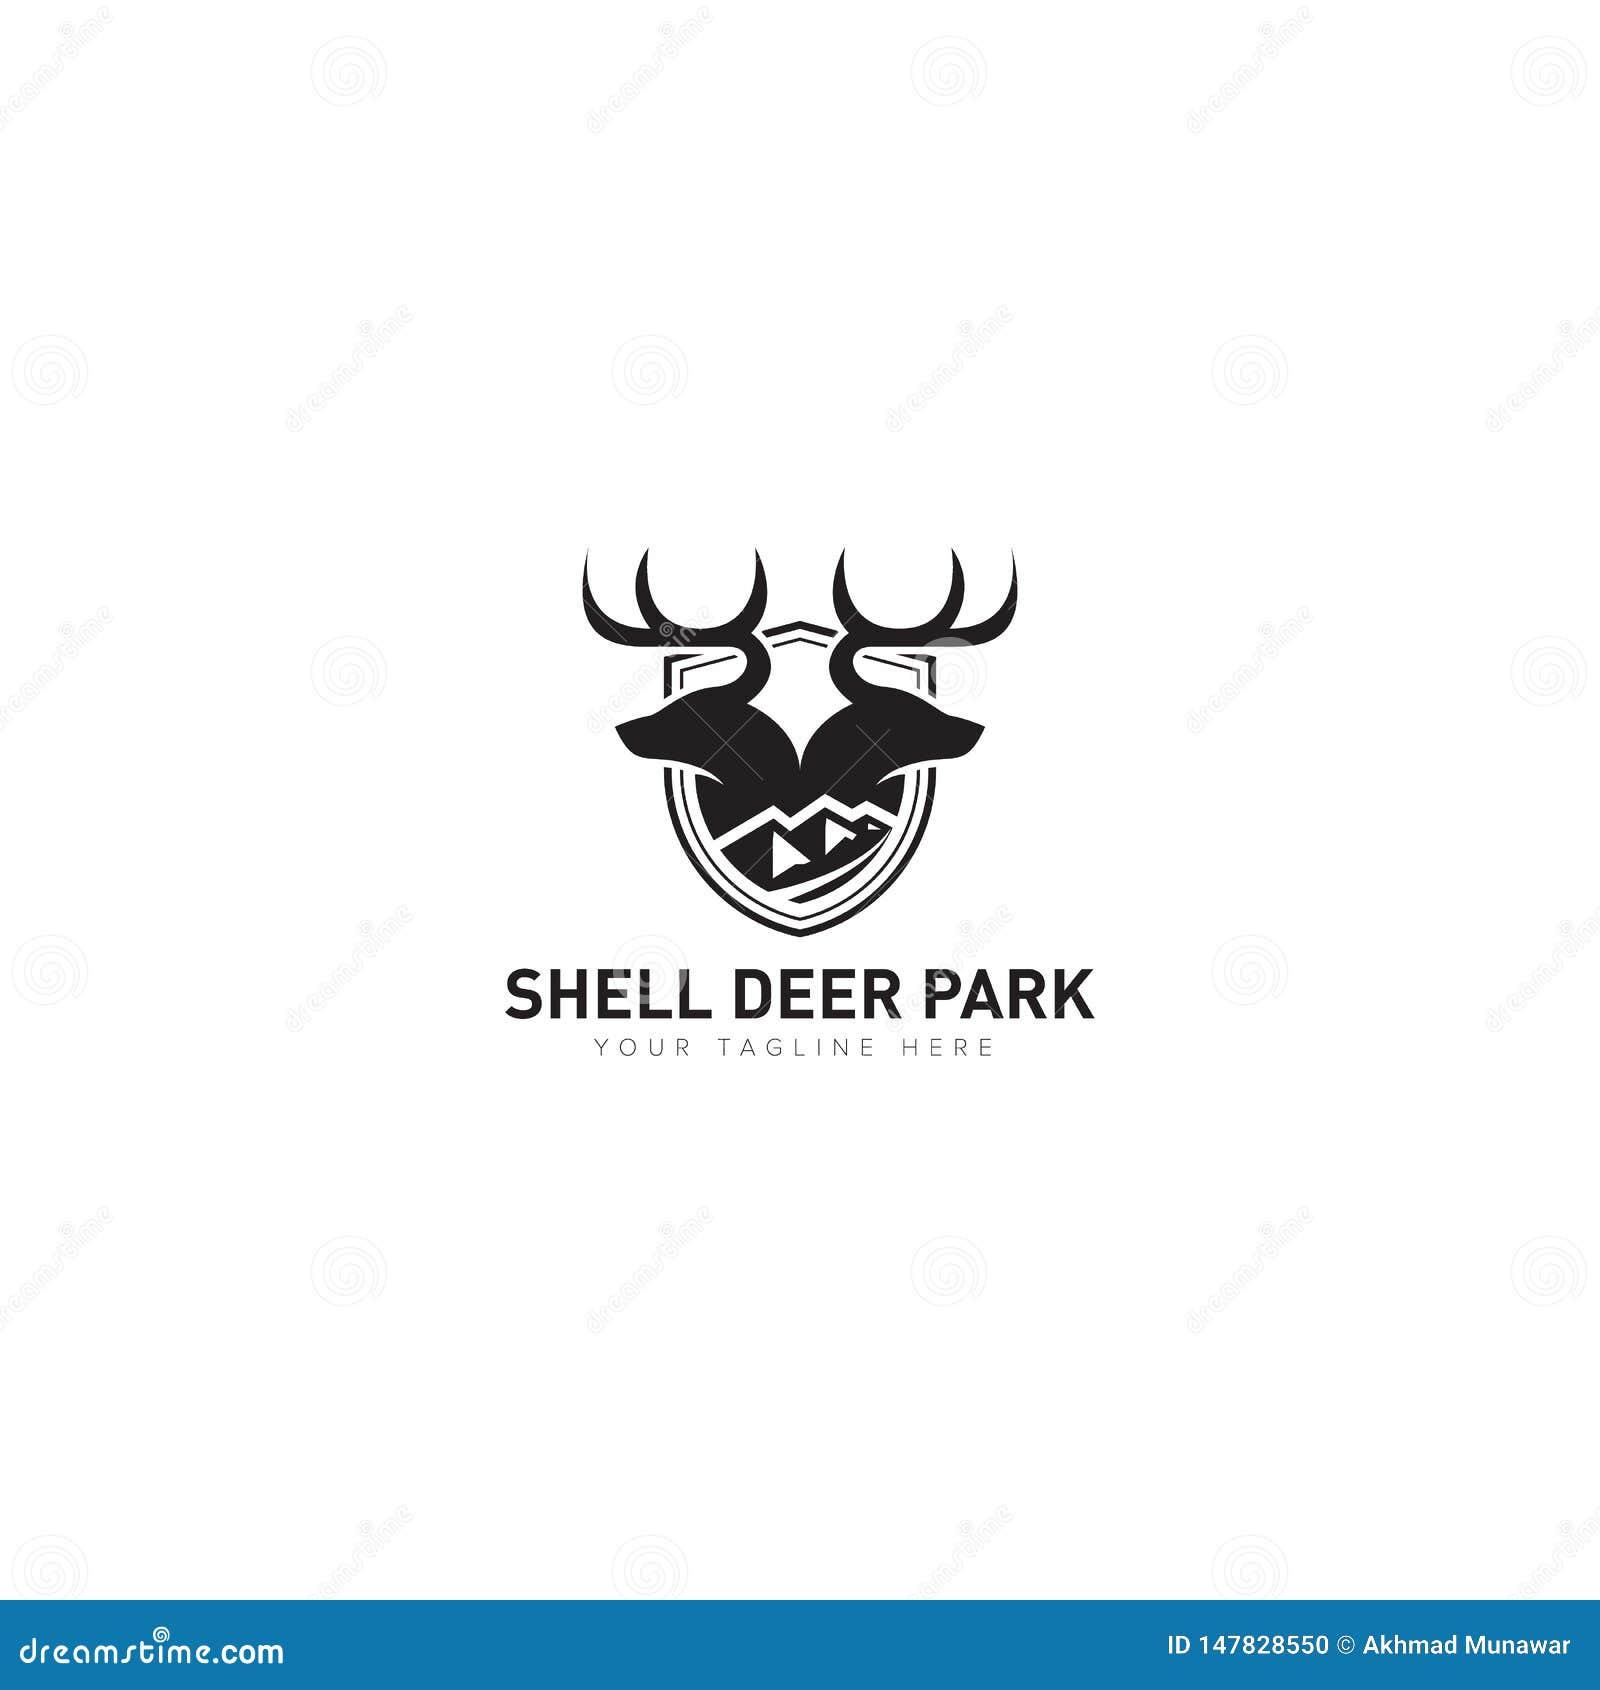 Djur kategori för Shell Deer Park Logo Design